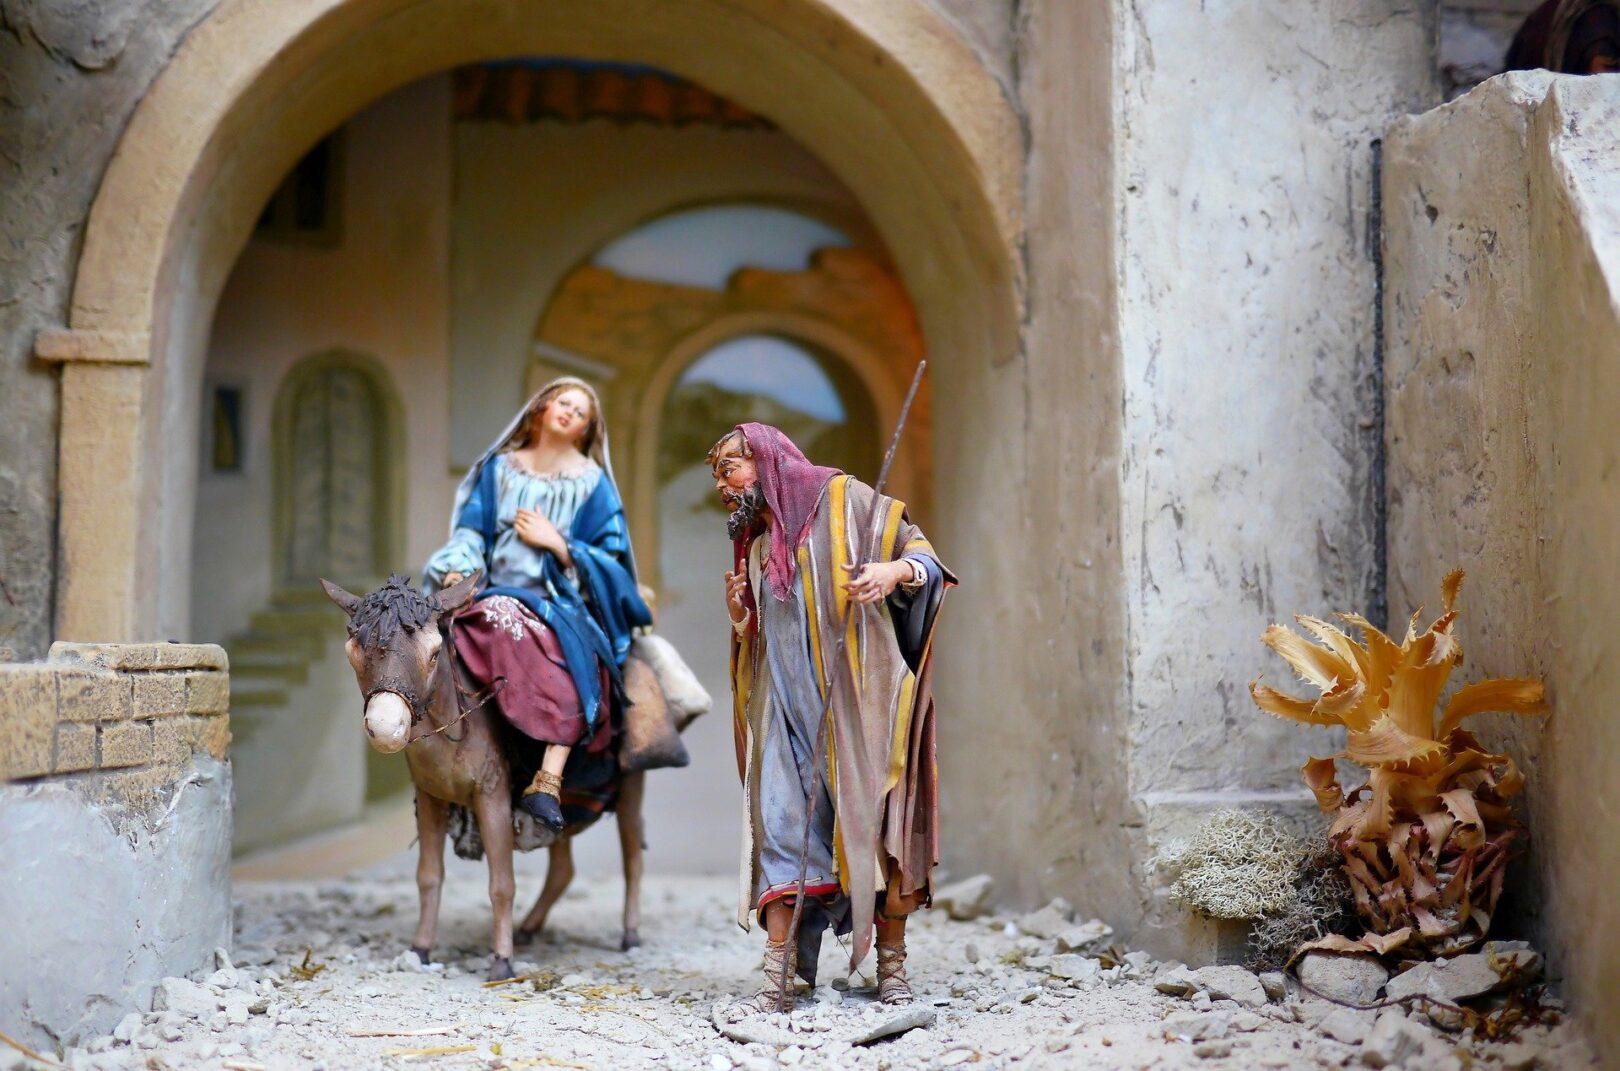 Noseča Marija in njen mož Jožef, sta iz Nazareta v Betlehem potovala peš. Ker so bila v Betlehemu, zaradi množice prebivalstva, ki so se popisovali, prenočišča polna, sta visoko noseča Marija in Jožef lahko našla zavetje le v hlevu poleg živine.